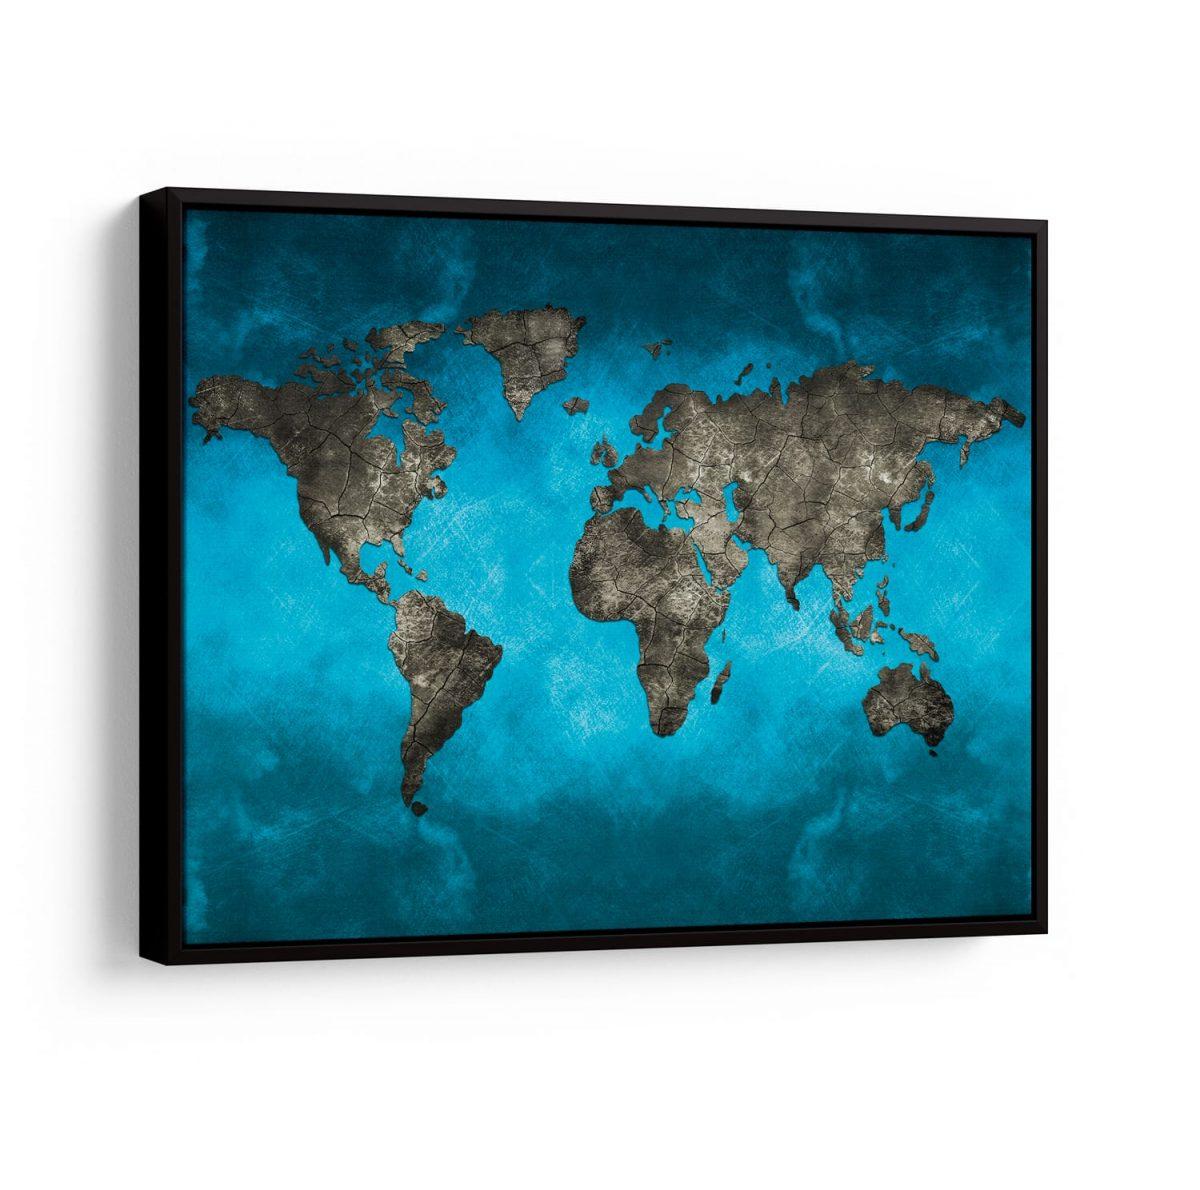 Quadro Mapa Mundi Preto e Azul em filete